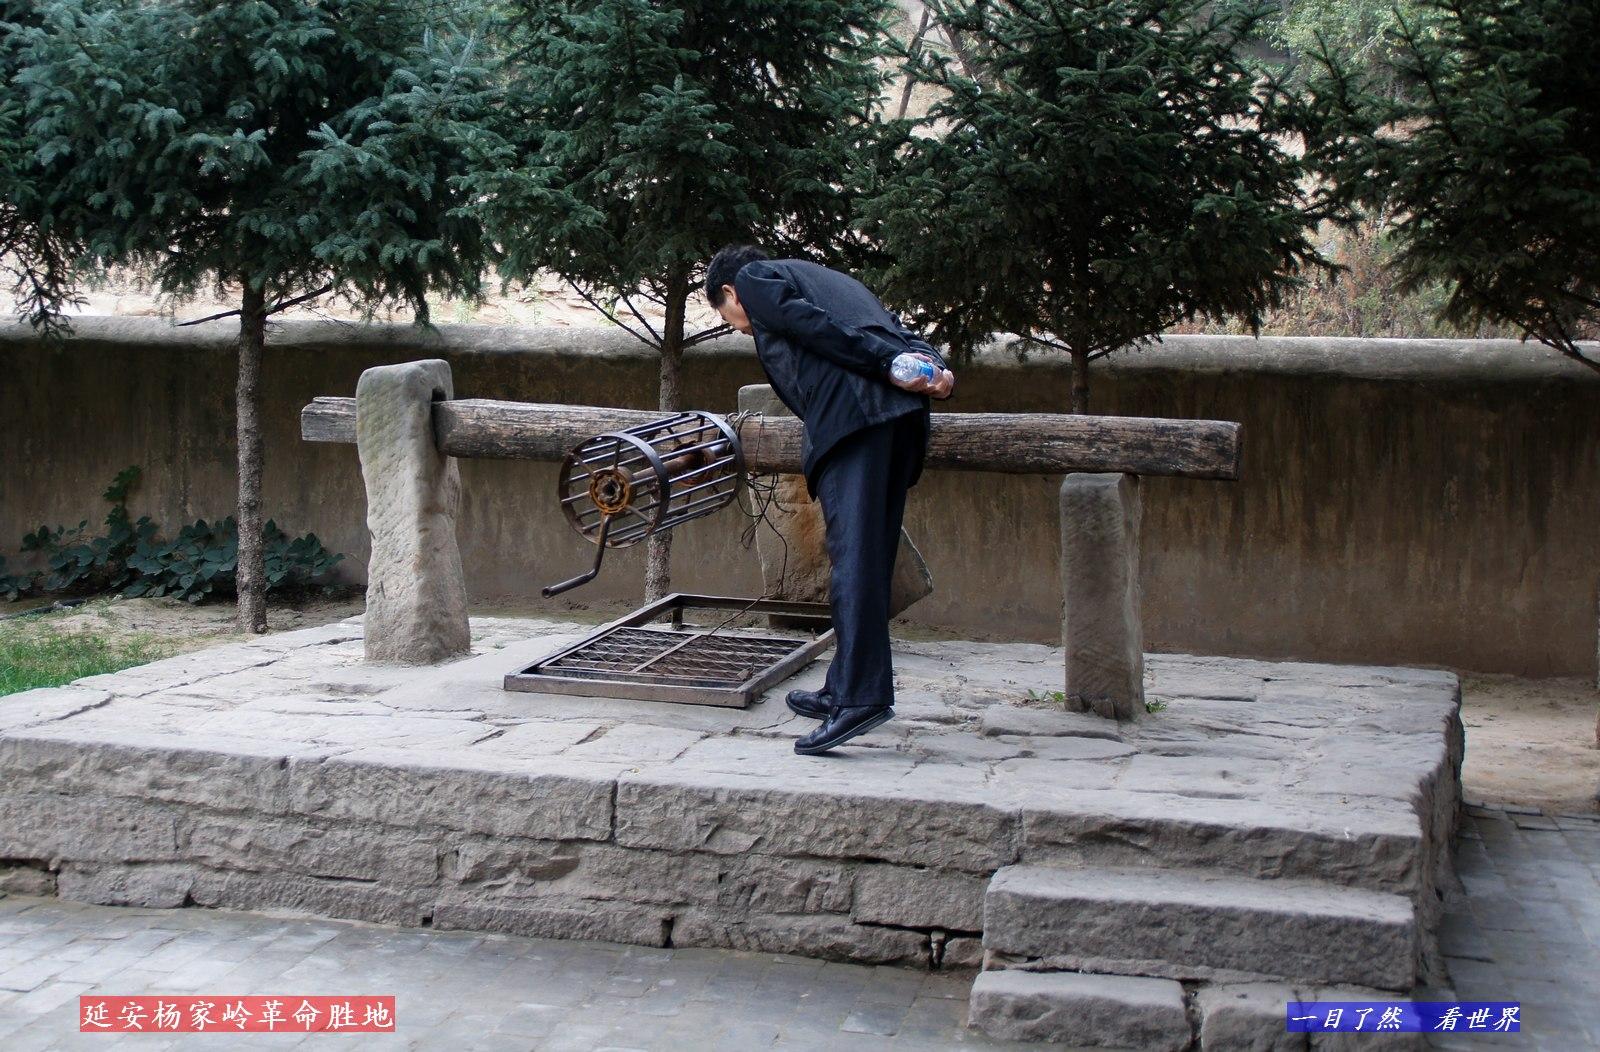 延安杨家岭革命胜地-26-1600.jpg